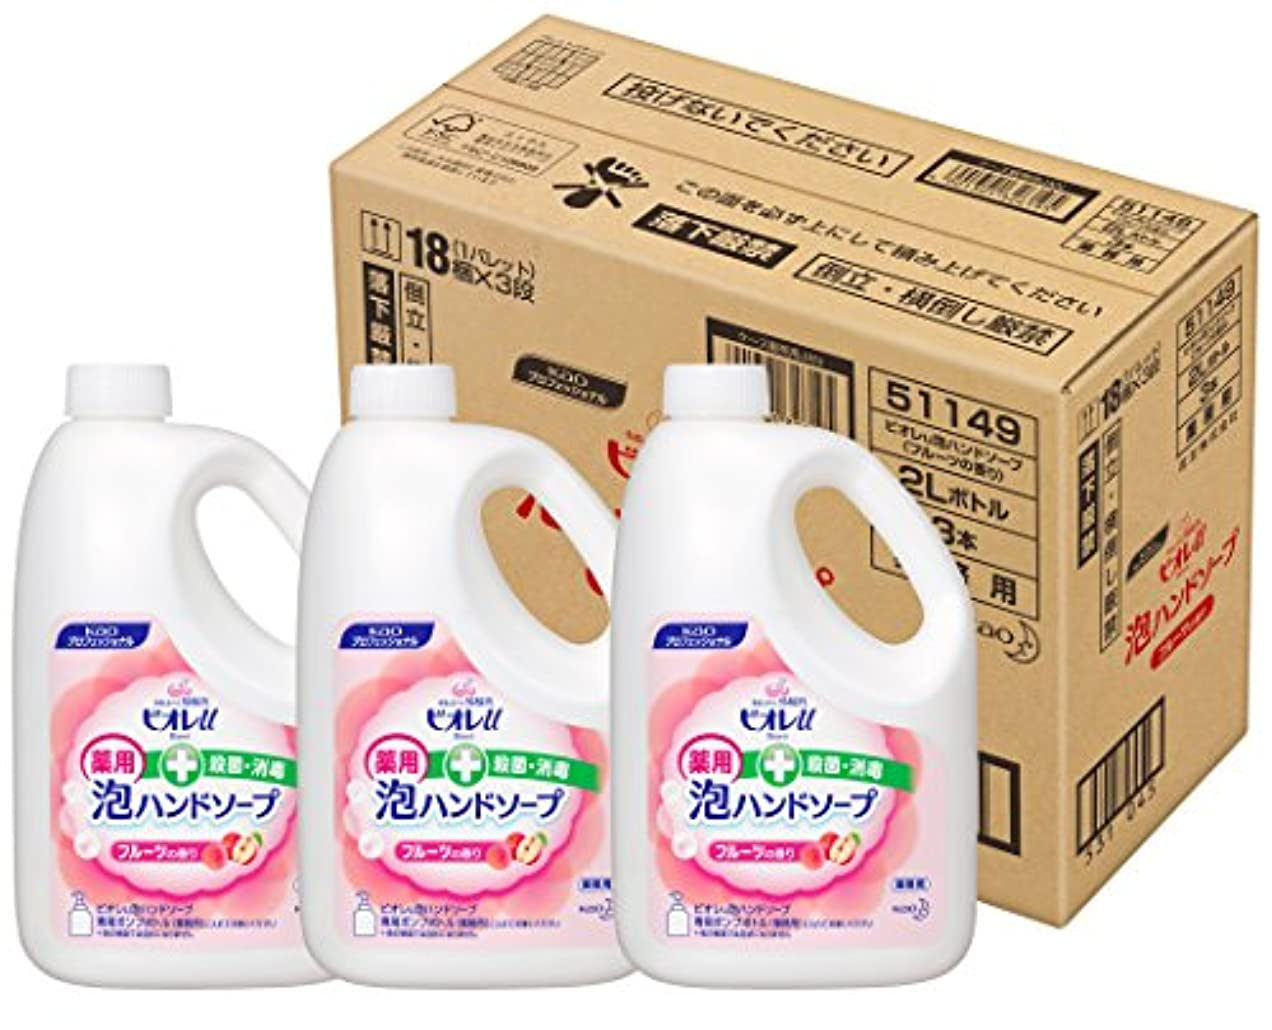 浮く重量唯一【ケース販売 業務用 泡ハンドソープ】ビオレu 泡ハンドソープ フルーツの香り 2L×3(プロフェッショナルシリーズ)